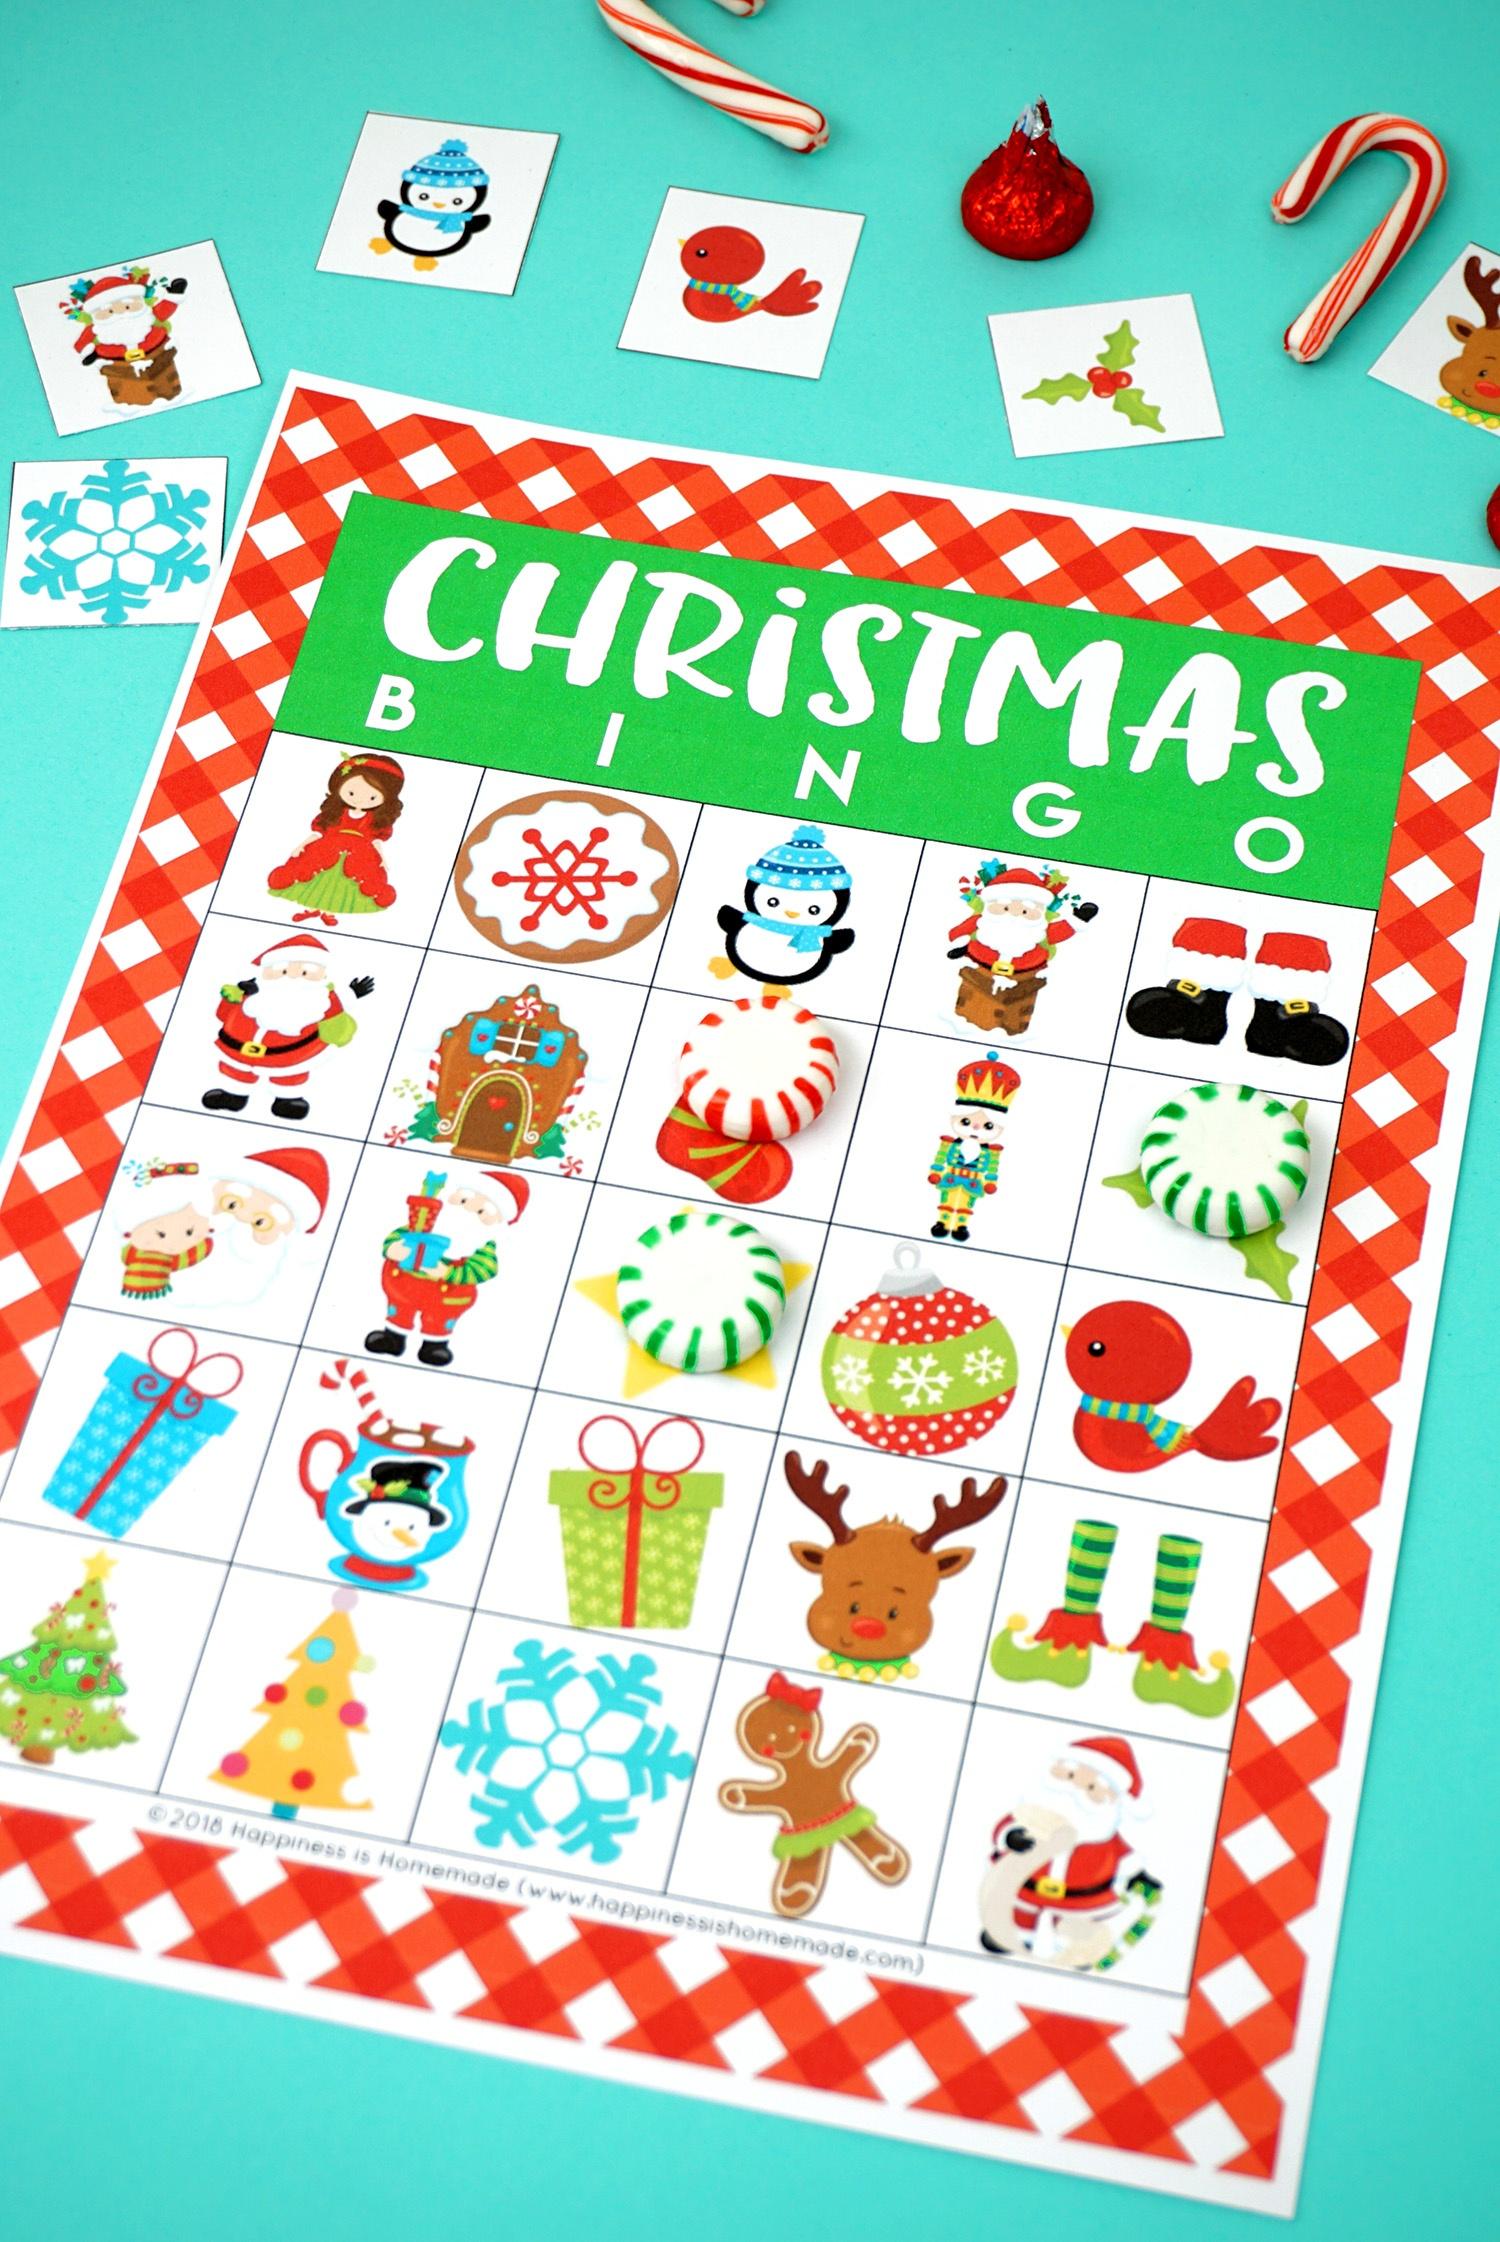 Printable Christmas Bingo Game - Happiness Is Homemade - Free Printable Christmas Board Games